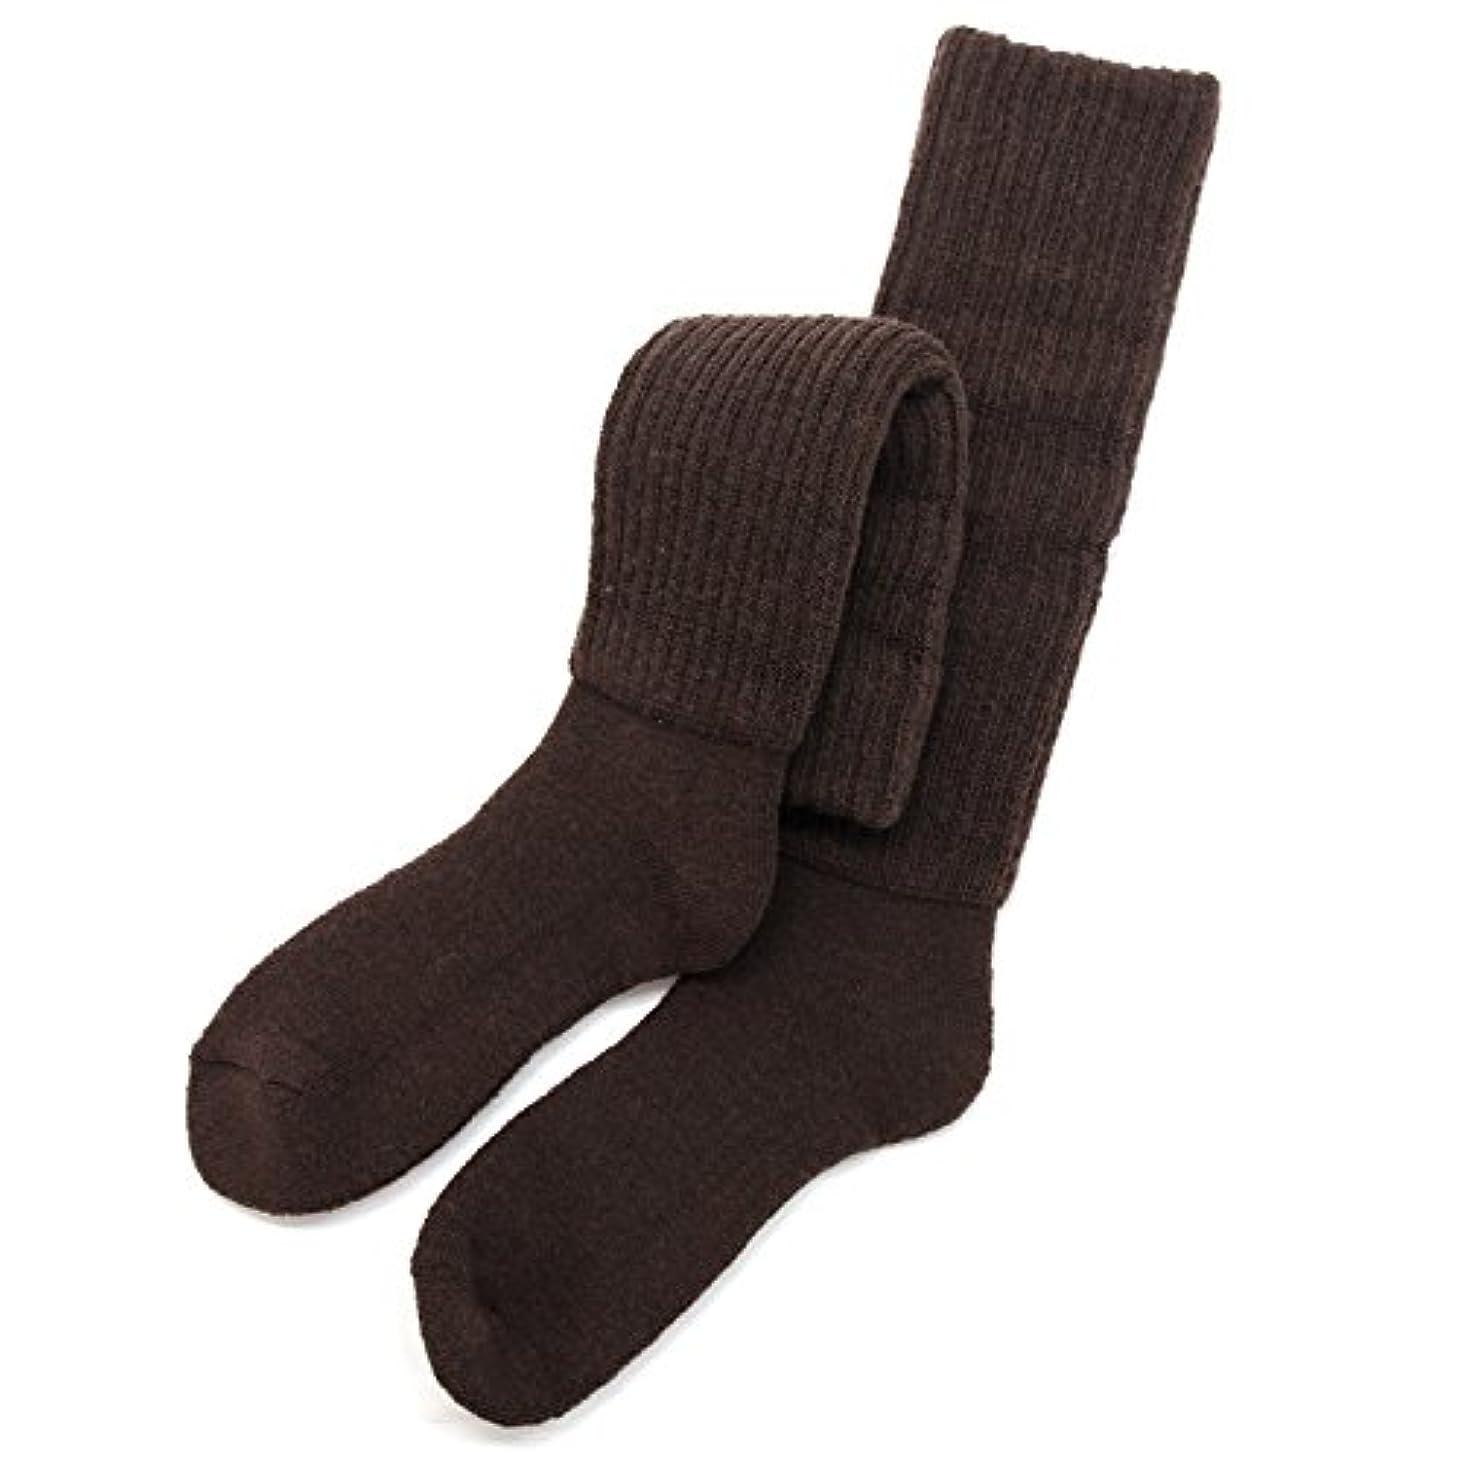 確執通知する責任者hiorie(ヒオリエ) 日本製 冷えとり靴下 あったか 2重編み靴下 ハイソックス <Lサイズ>